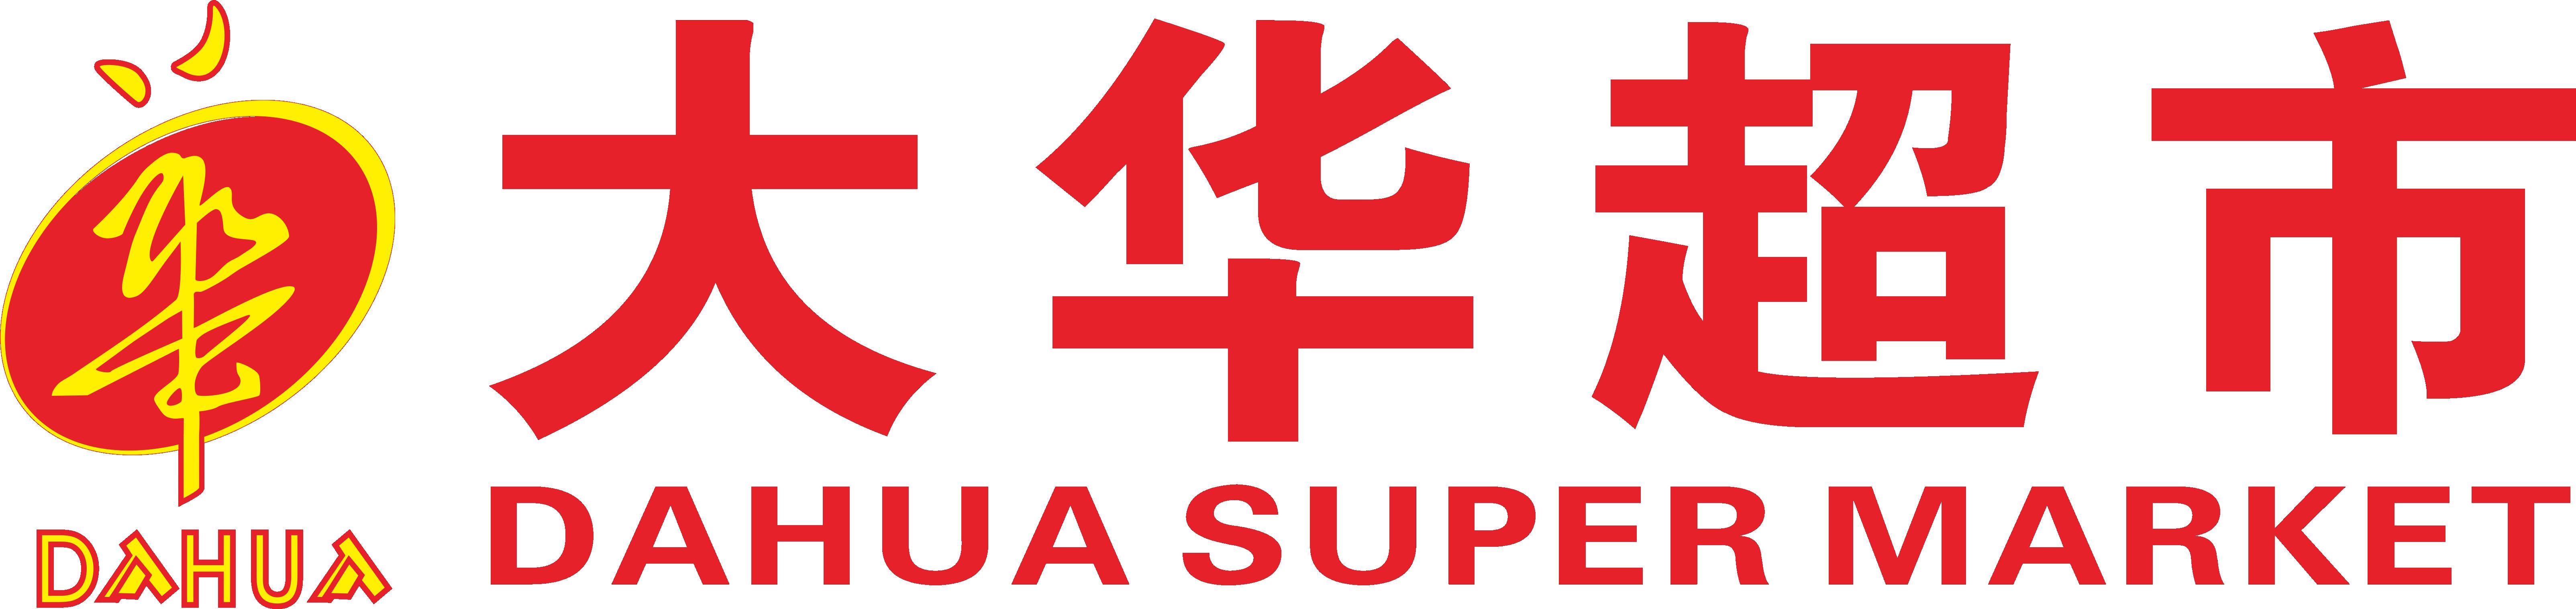 松桃大华超市有限公司